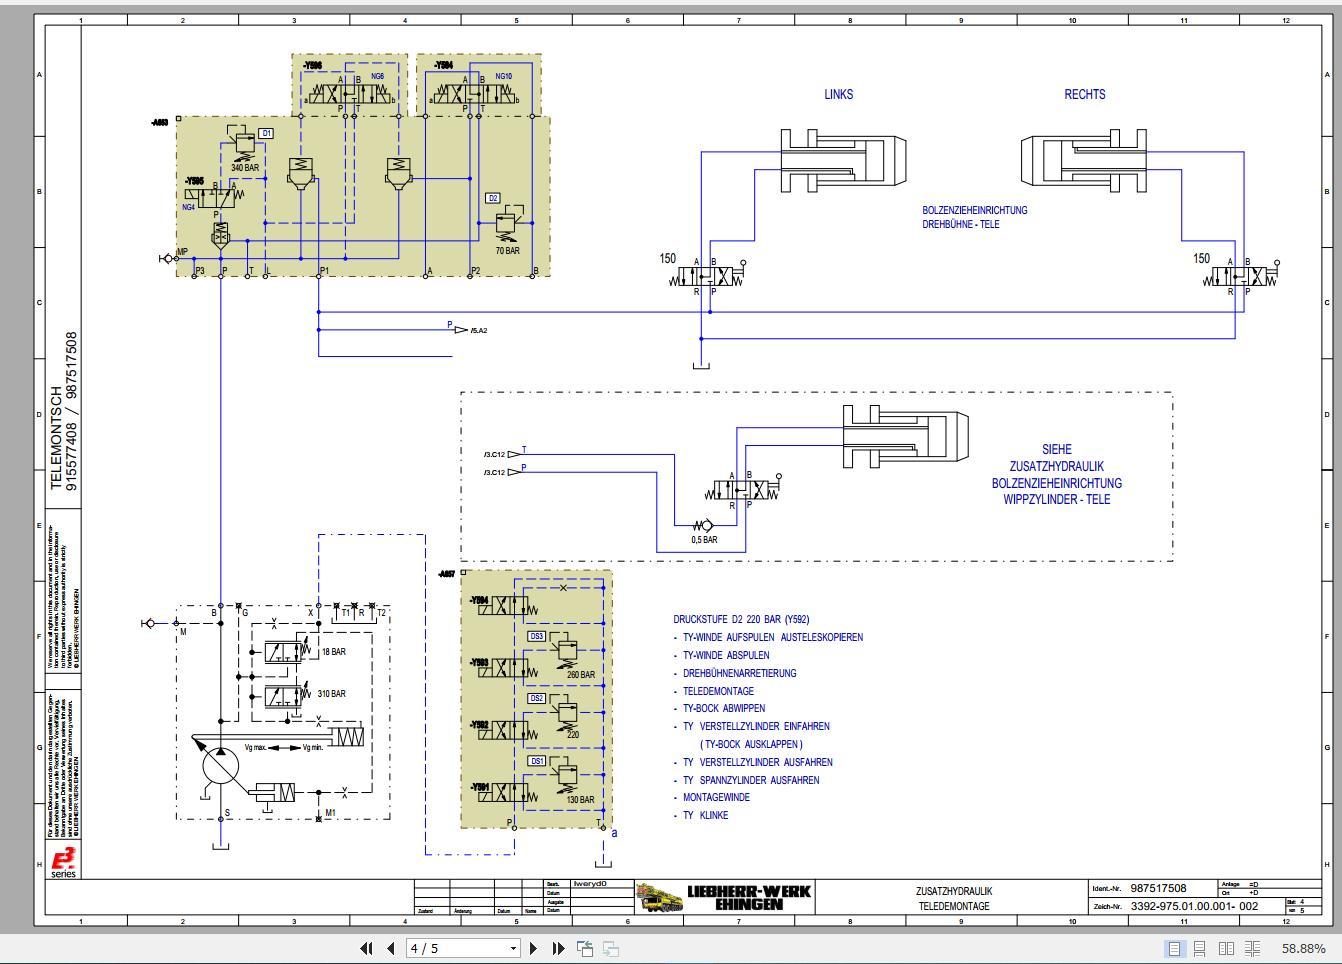 Liebherr Crane Schematic Wiring Diagram Cd3